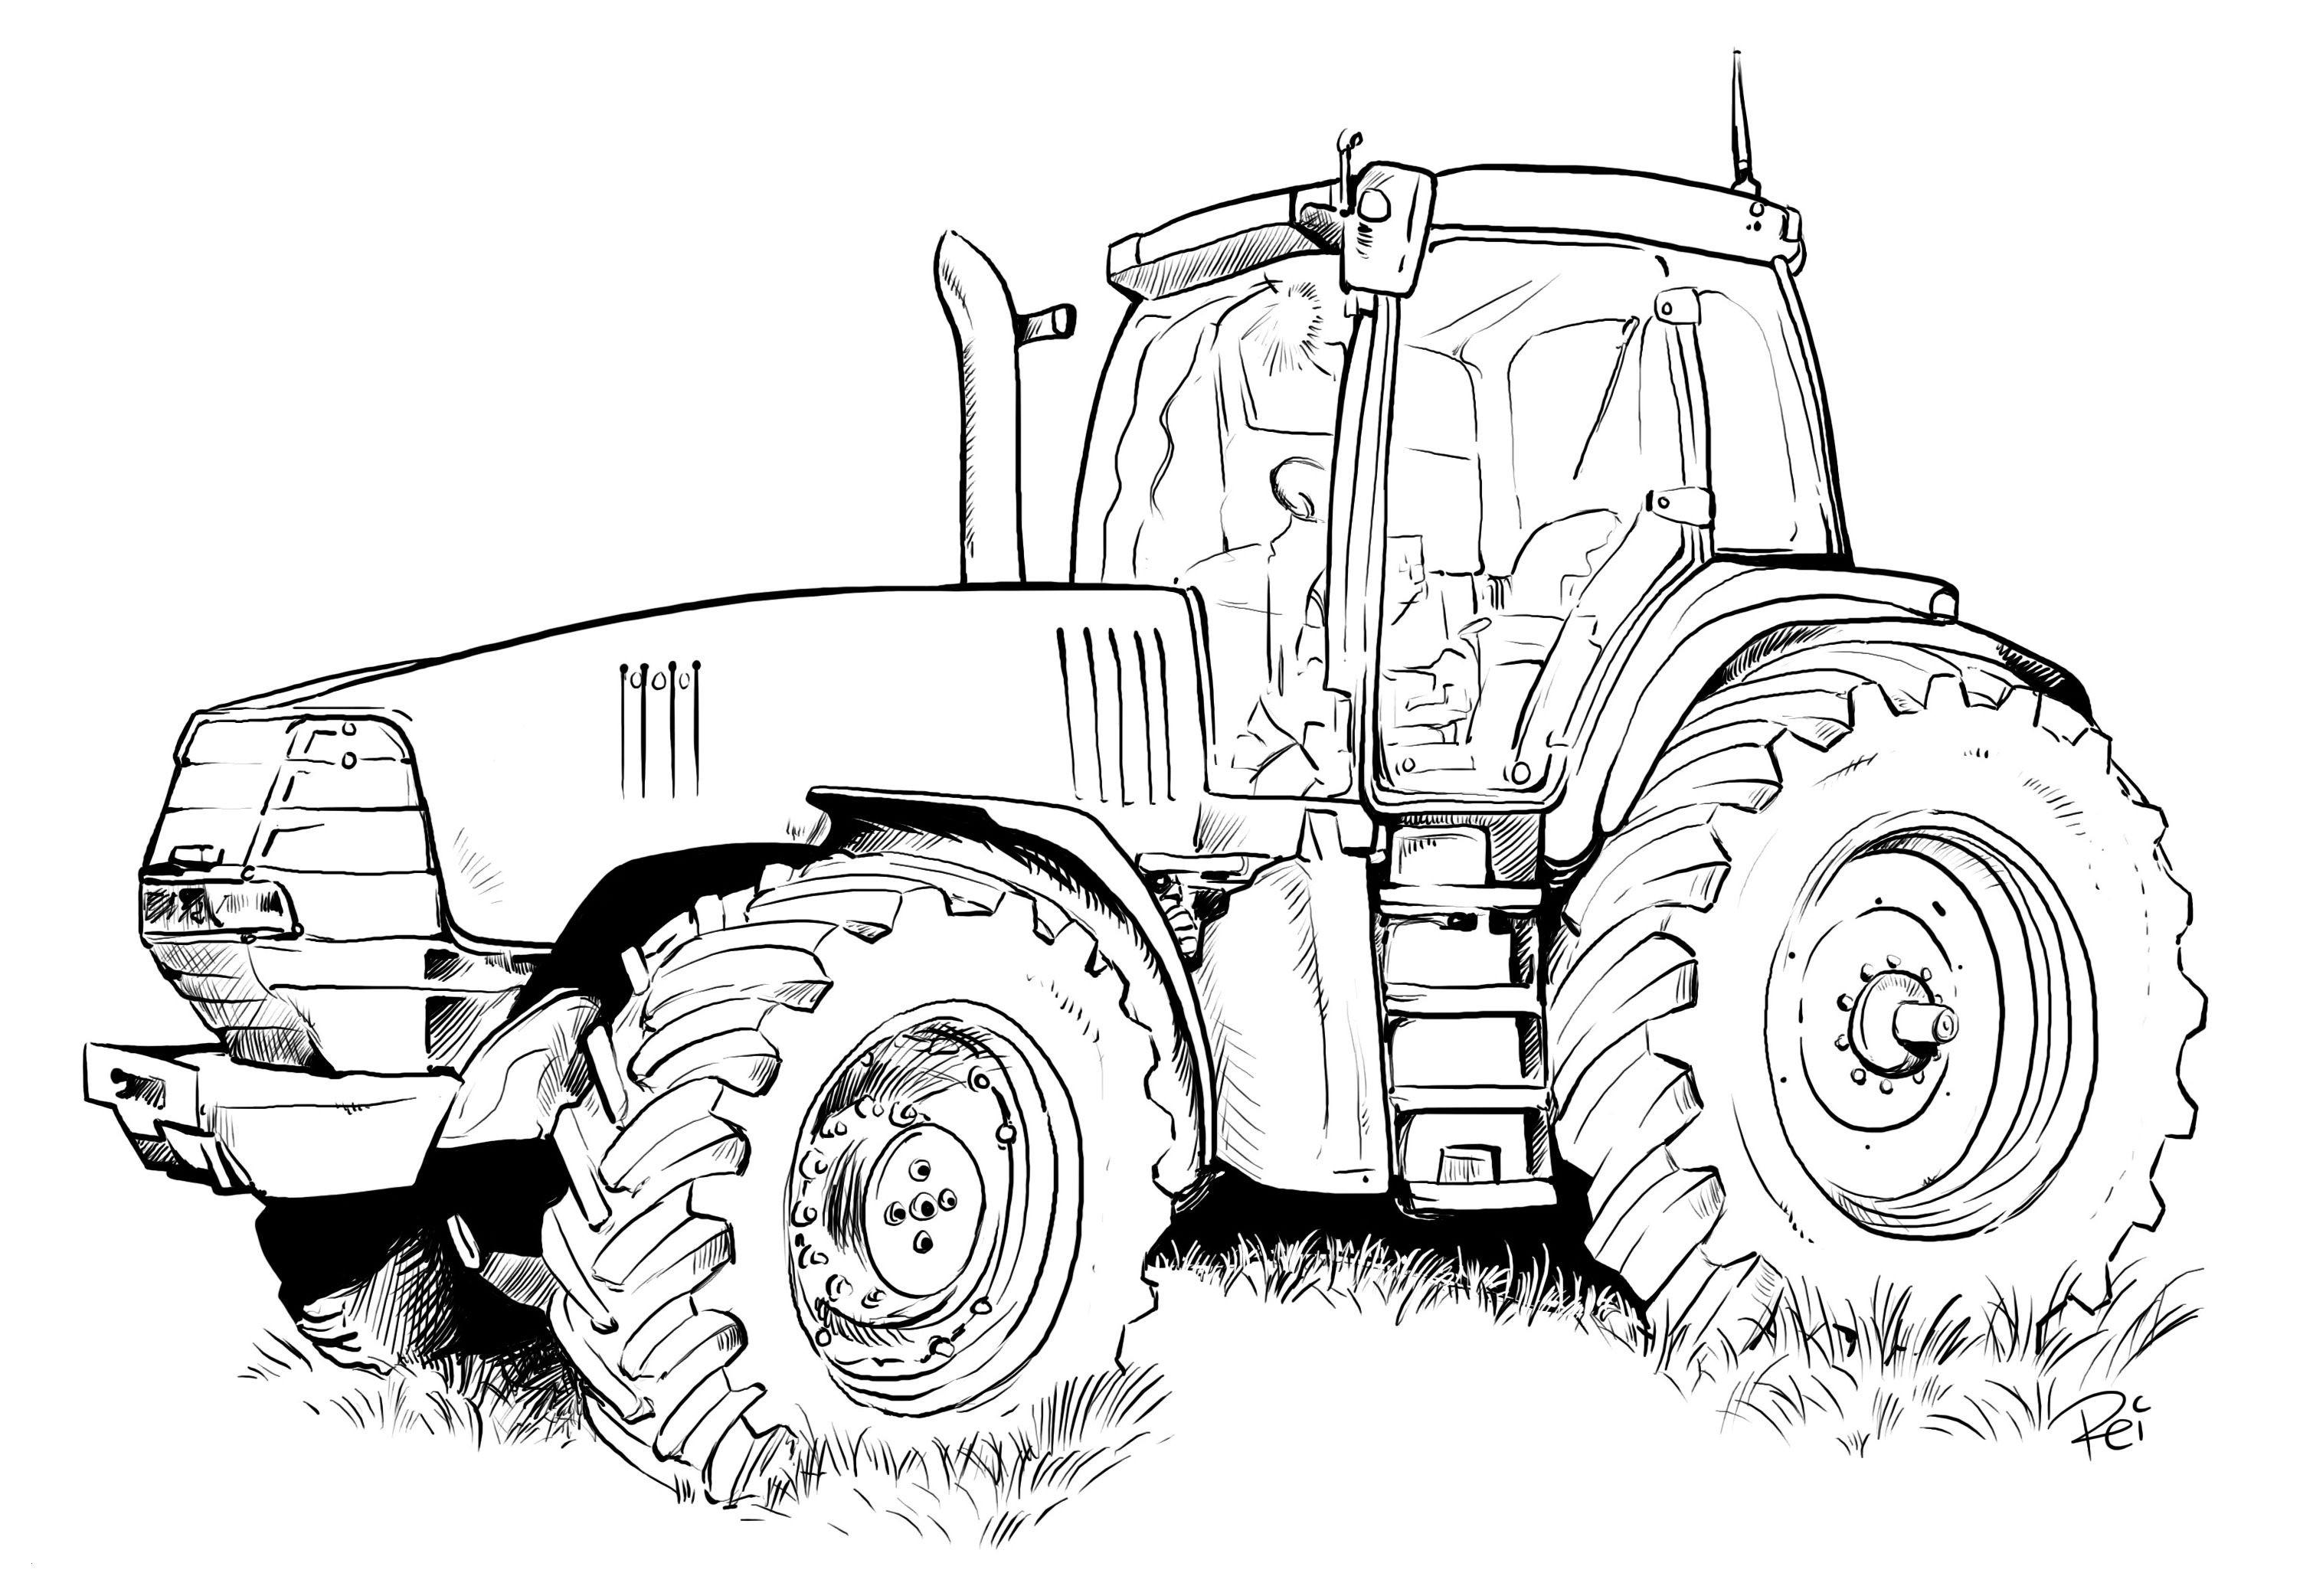 Spongebob Zum Ausmalen Inspirierend Traktoren Bilder Zum Ausmalen Bildervorlagen E Malen Luxus Auto Fotografieren